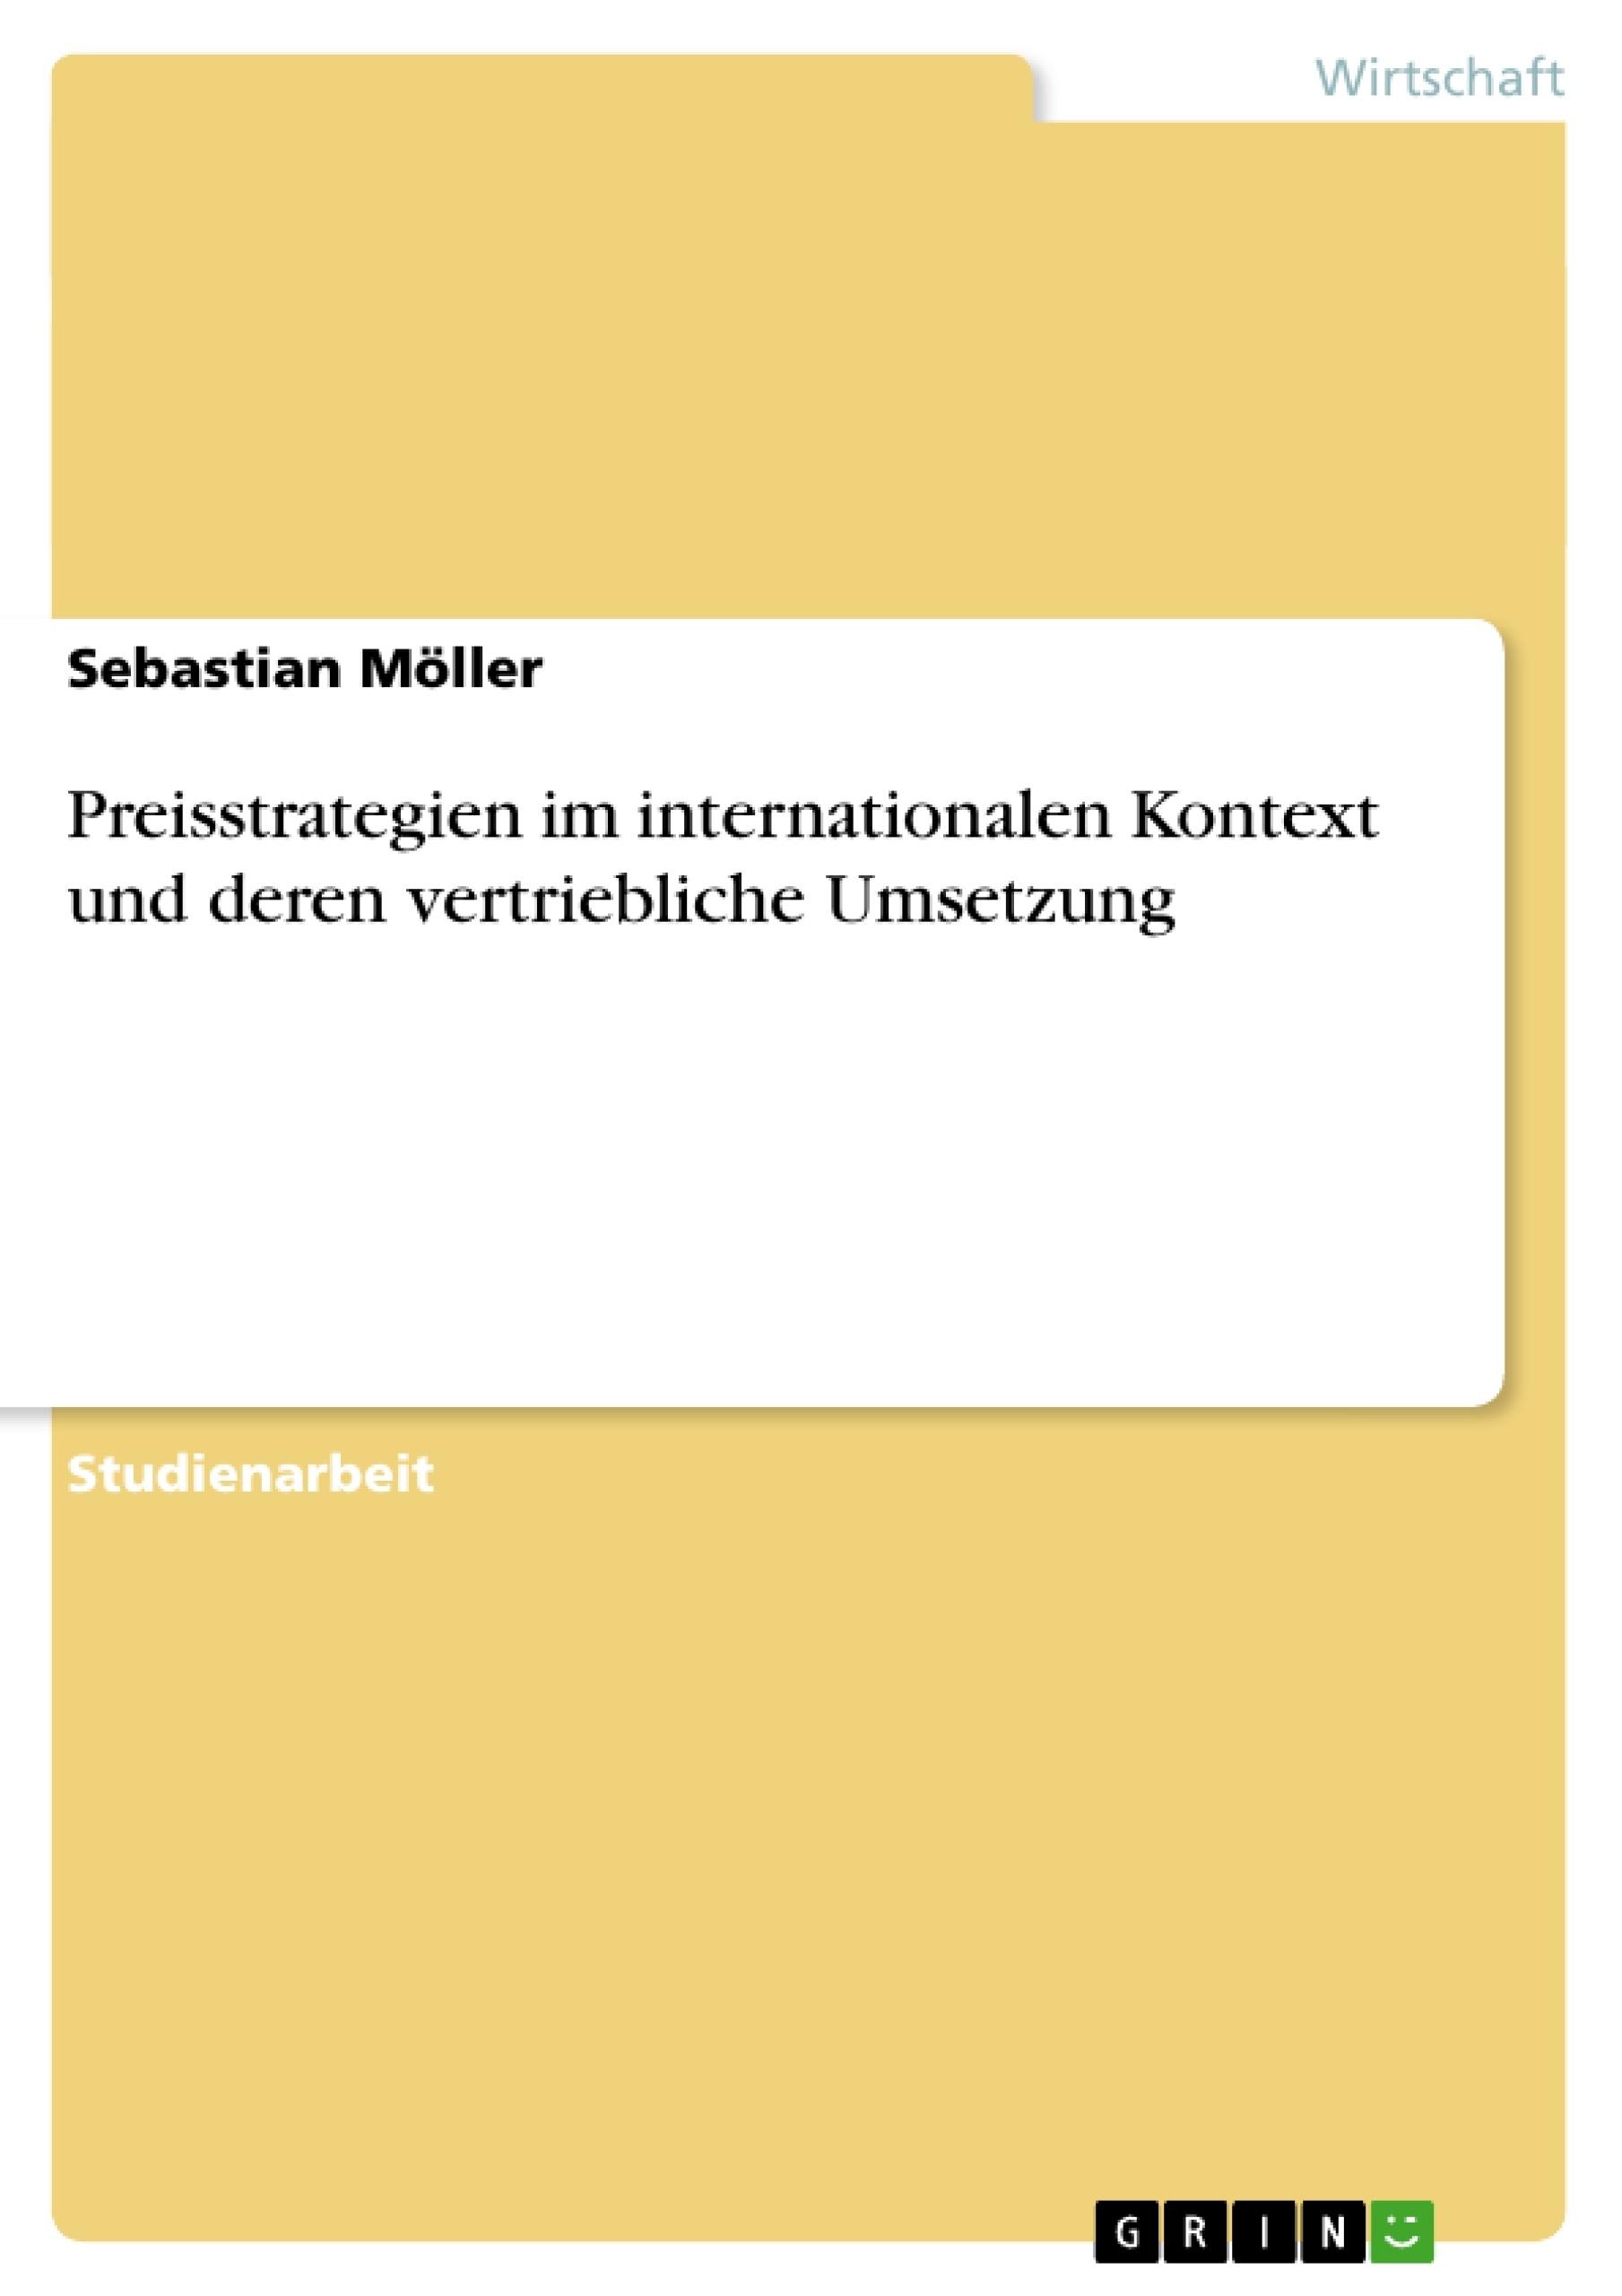 Titel: Preisstrategien im internationalen Kontext und deren vertriebliche Umsetzung